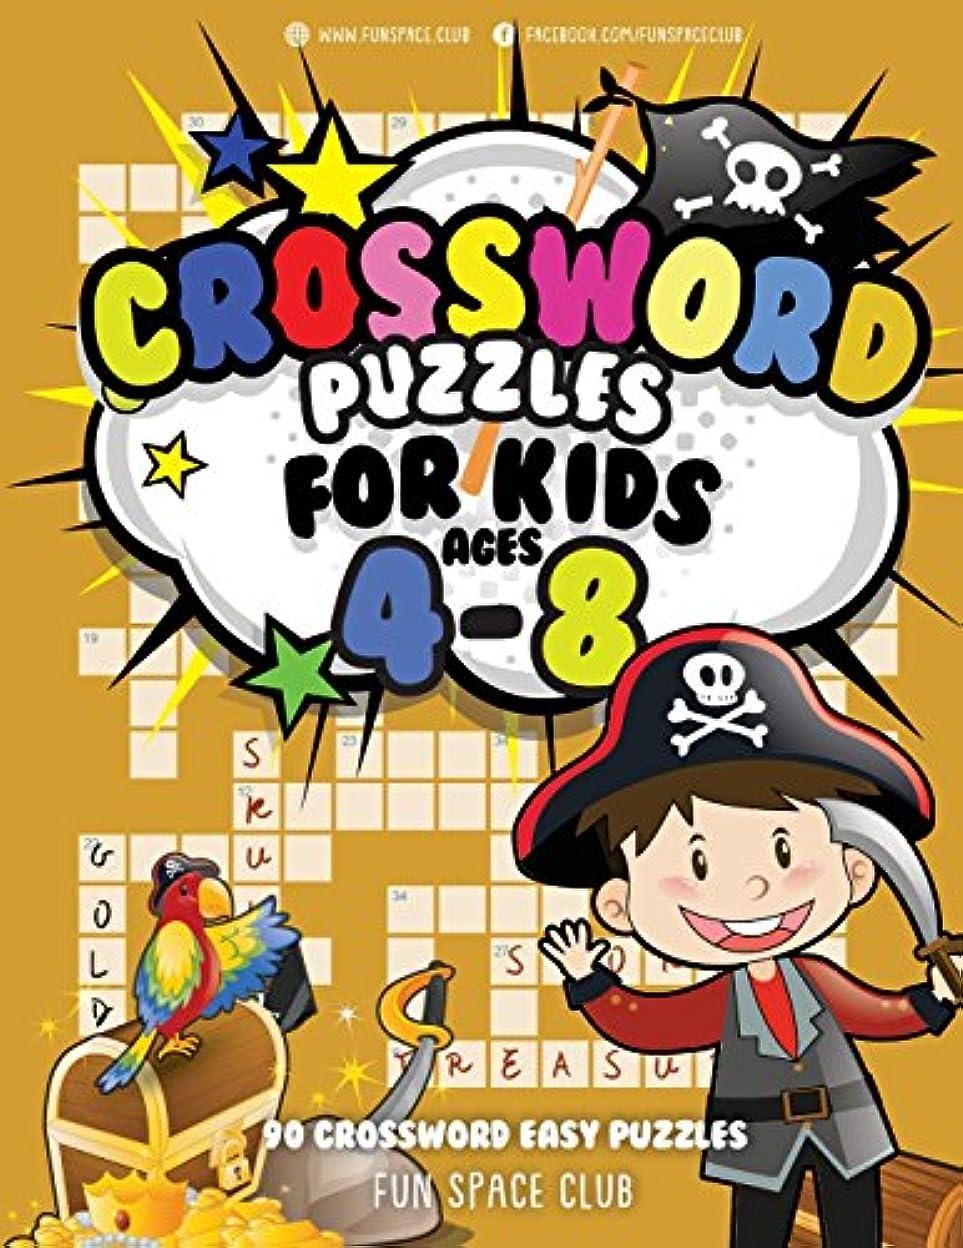 気性つぶやきレーダーCrossword Puzzles for Kids Ages 4-8: 90 Crossword Easy Puzzle Books (Crossword and Word Search Puzzle Books for Kids)